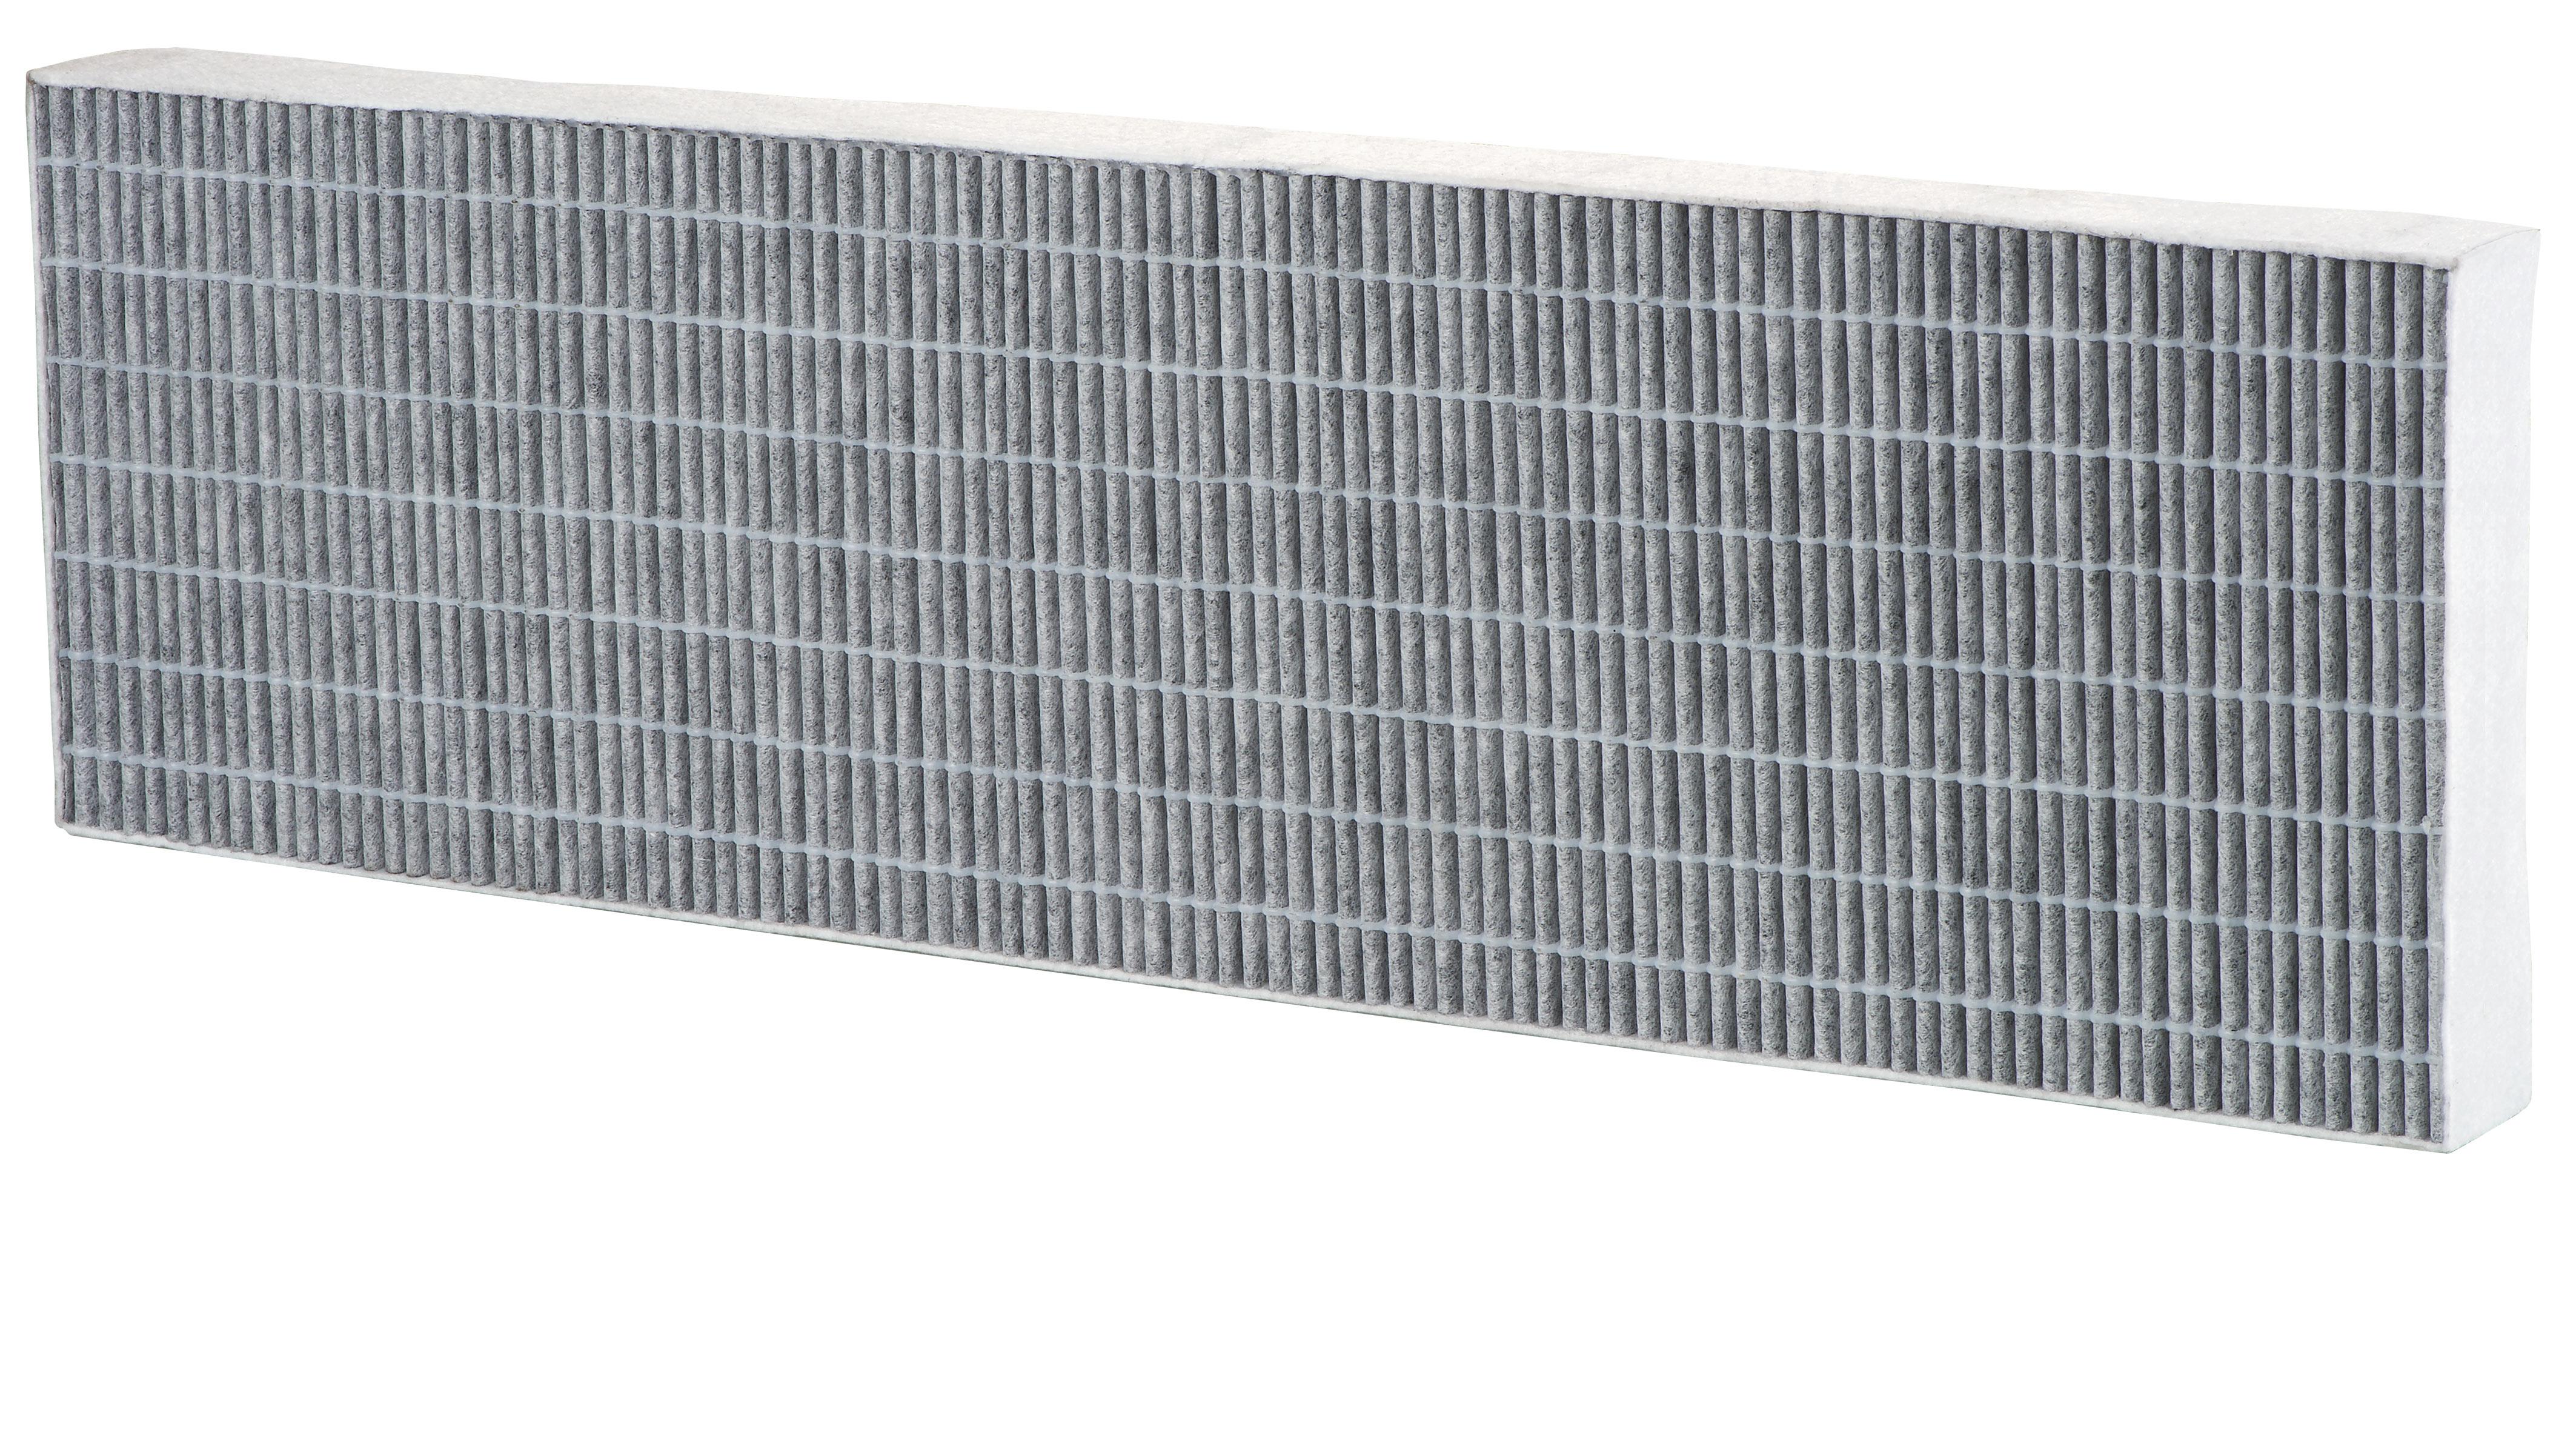 SIKU SF VUT 270 V5B EC Filter F8